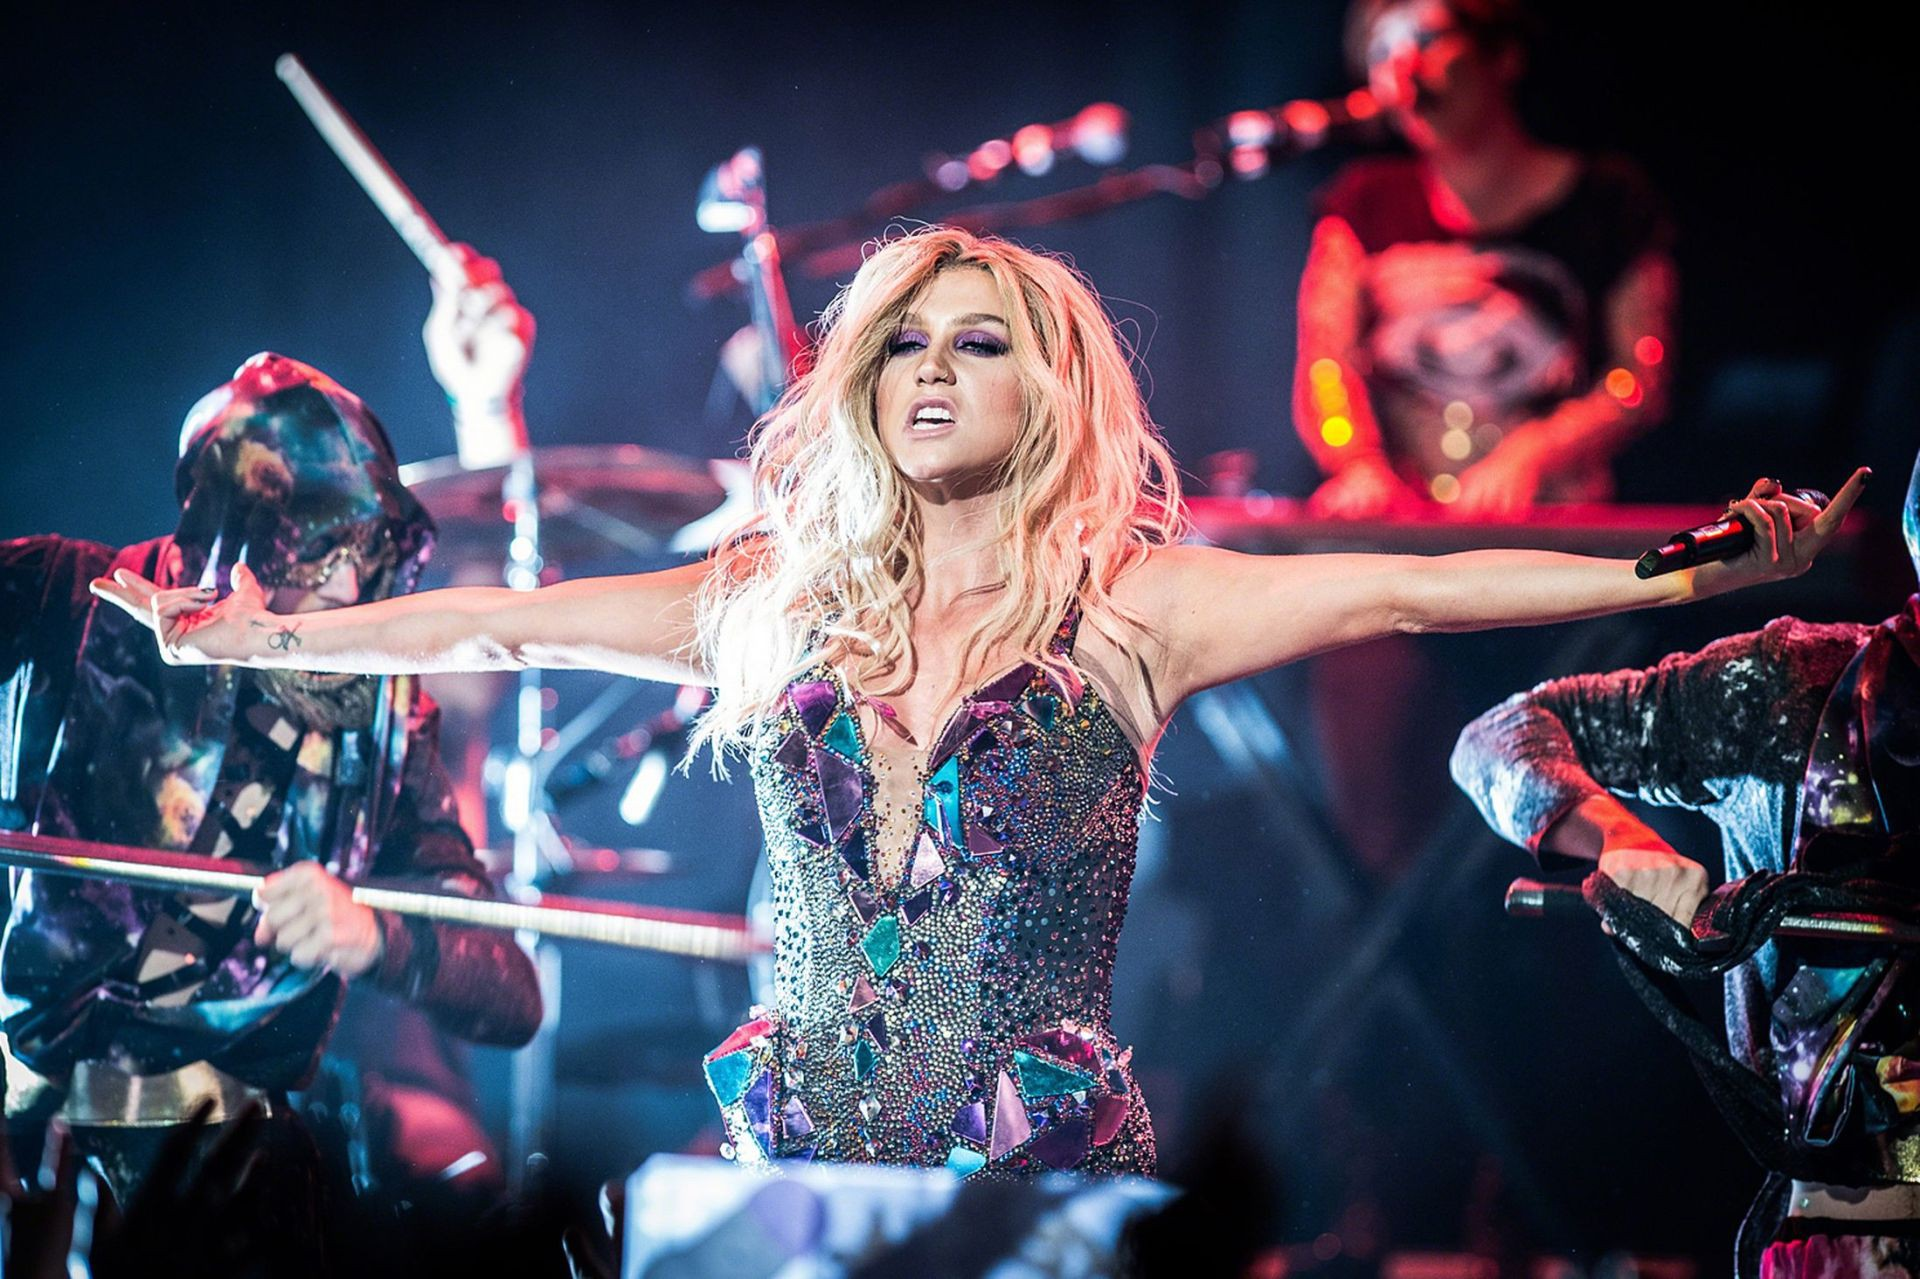 Không chỉ 1 show, Kesha bất ngờ huỷ toàn bộ tour diễn tại Đài Loan 20 phút trước giờ G - Ảnh 2.